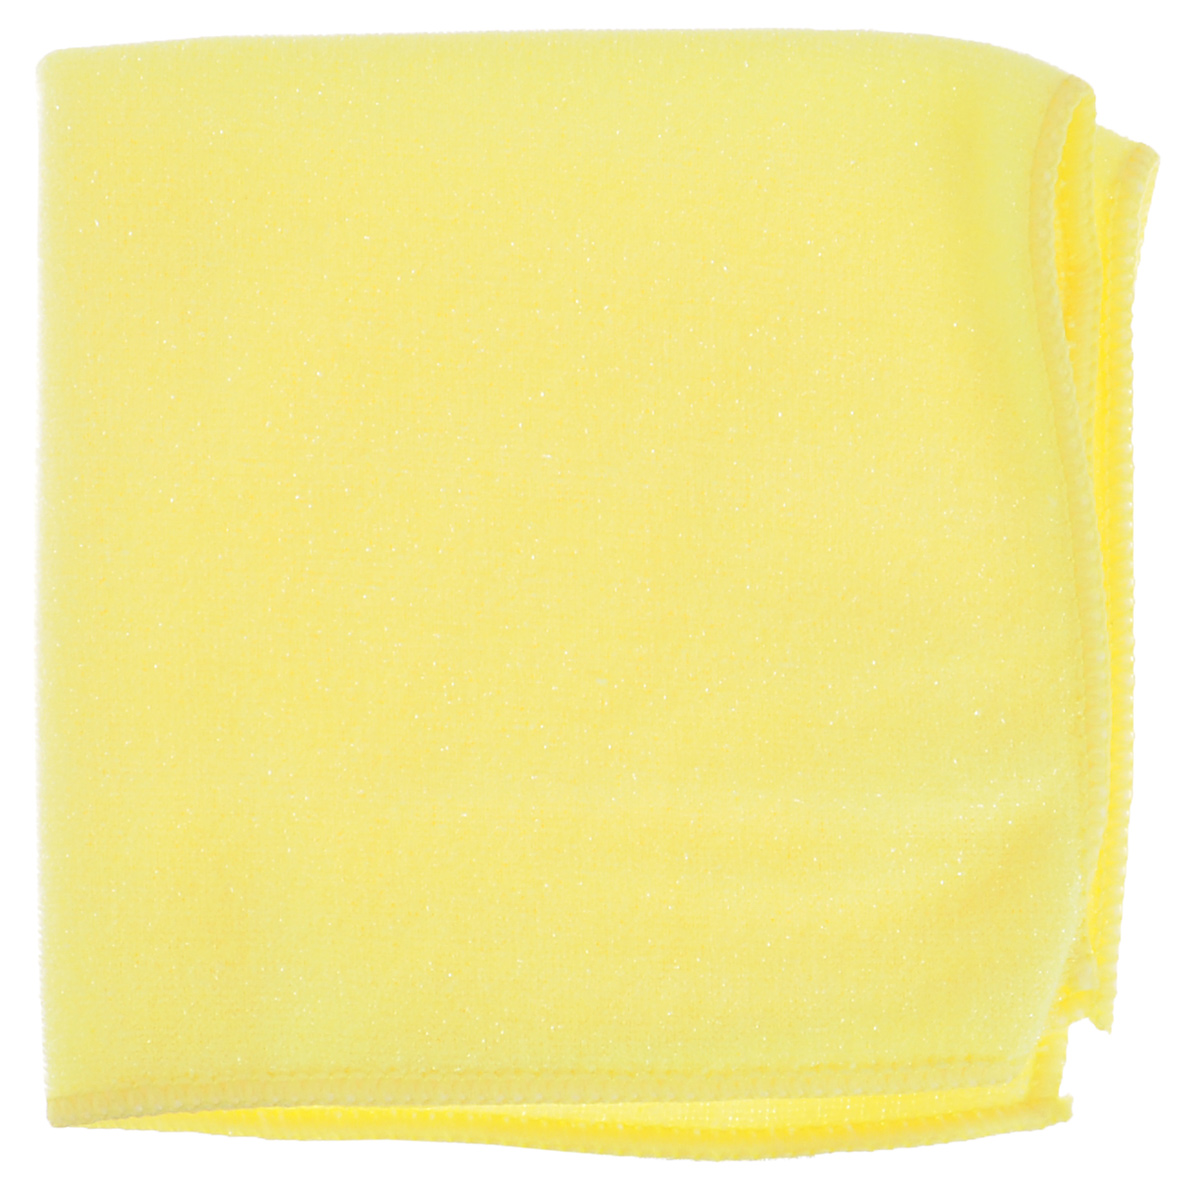 Салфетка из микрофибры York, двухсторонняя, для керамики, цвет: желтый, 30 х 30 см2617Салфетка York, выполненная из микрофибры, оснащена абразивной сеткой, которая удаляет стойкие загрязнения различного происхождения с твердых неокрашенных и нелакированных покрытий, гладкая сторона эффективно очищает и полирует их. Салфетка из микрофибры эффективна для удаления засохших или пригоревших жировых пятен с плиты, керамической плитки и других поверхностей. Устраняет известковые подтеки и недавно появившиеся известковые отложения с сантехники, кранов, плитки, металлических, керамических, стеклянных и пластиковых поверхностей. Салфетка может использоваться для сухой и влажной уборки, в том числе с моющими средствами. Не оставляет разводов и ворсинок.Размер салфетки: 30 см х 30 см.